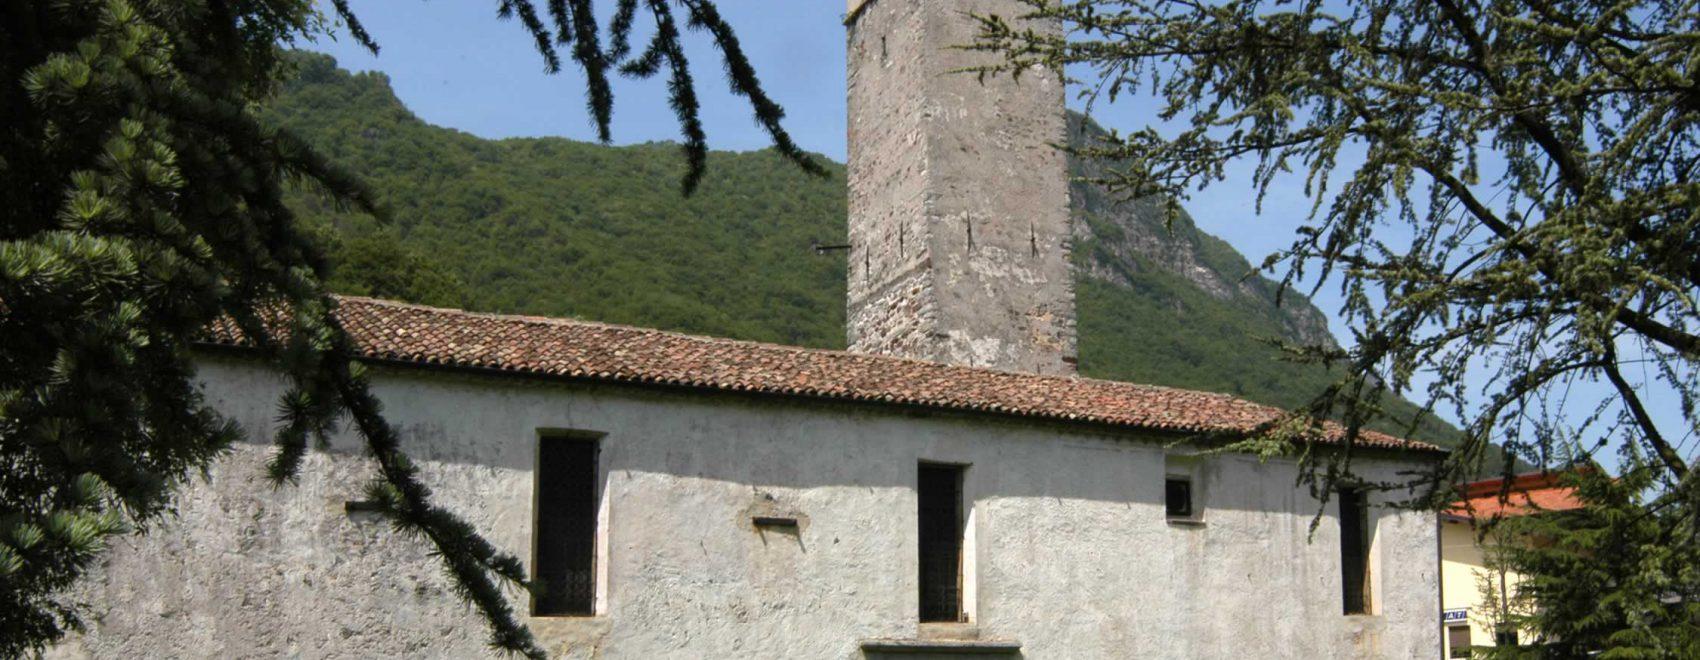 Chiesa di S. Maria Undas